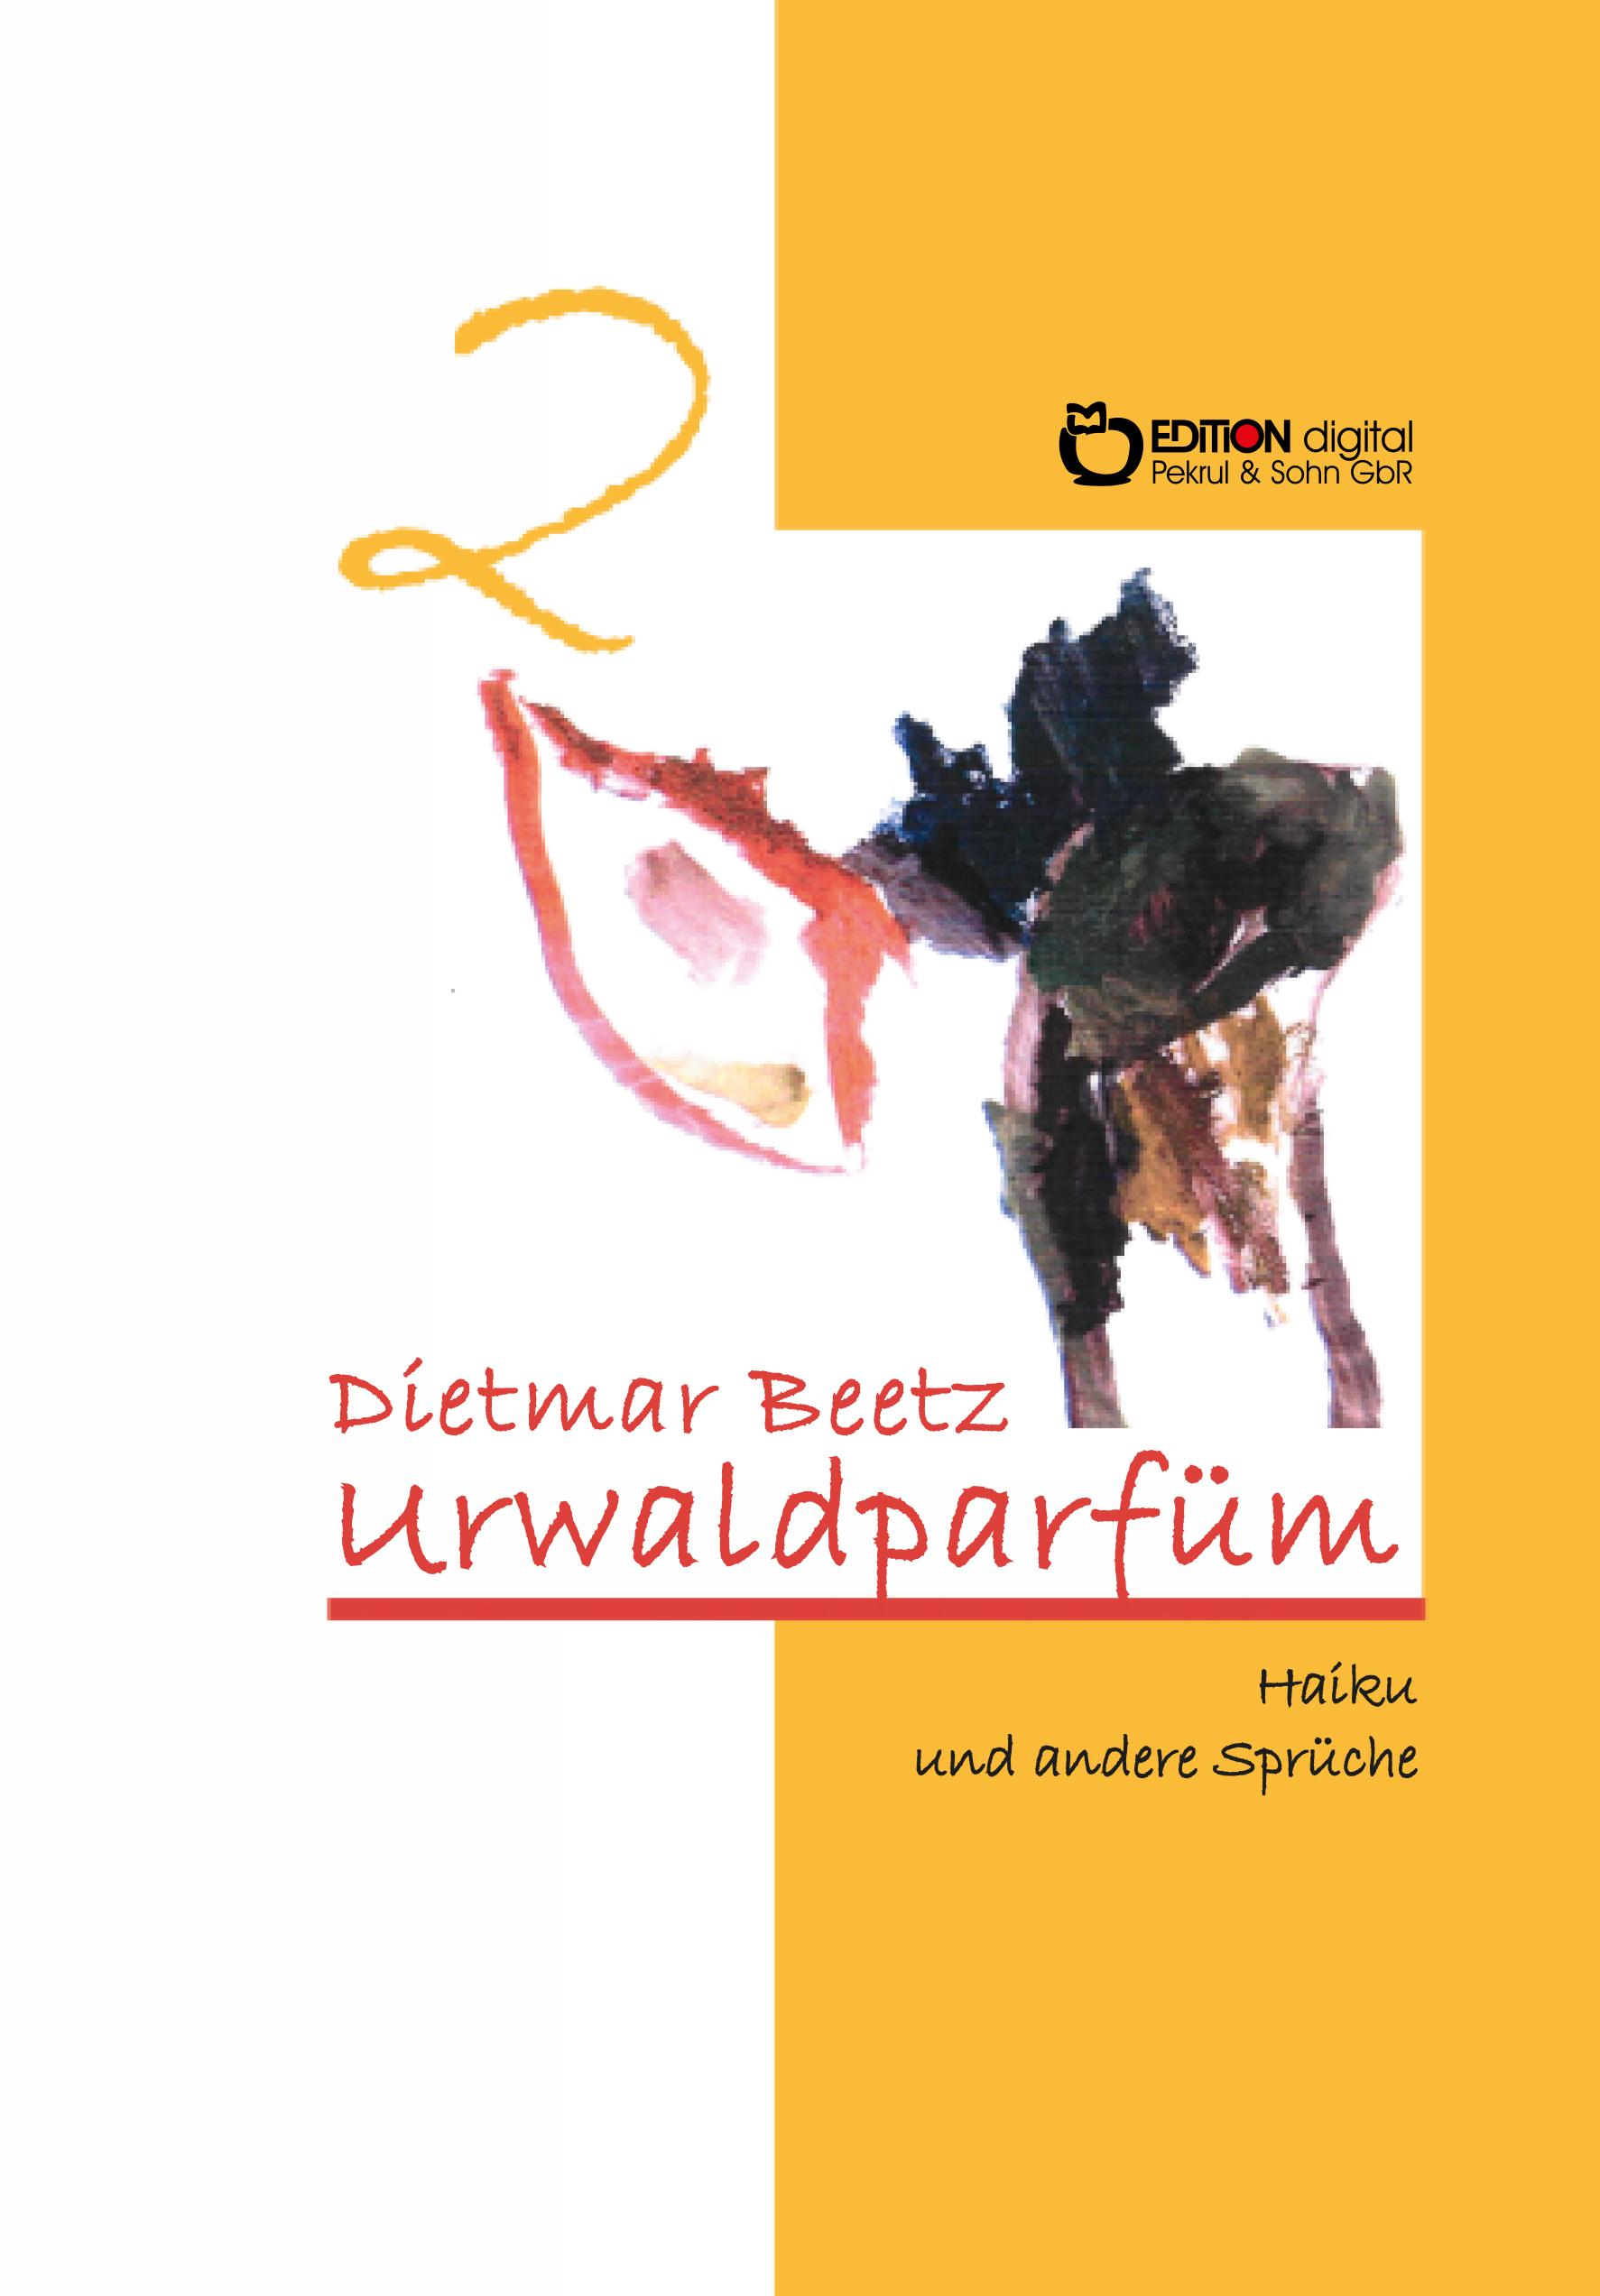 Urwaldparfüm. Haiku und andere Sprüche, Band 2 von Dietmar Beetz